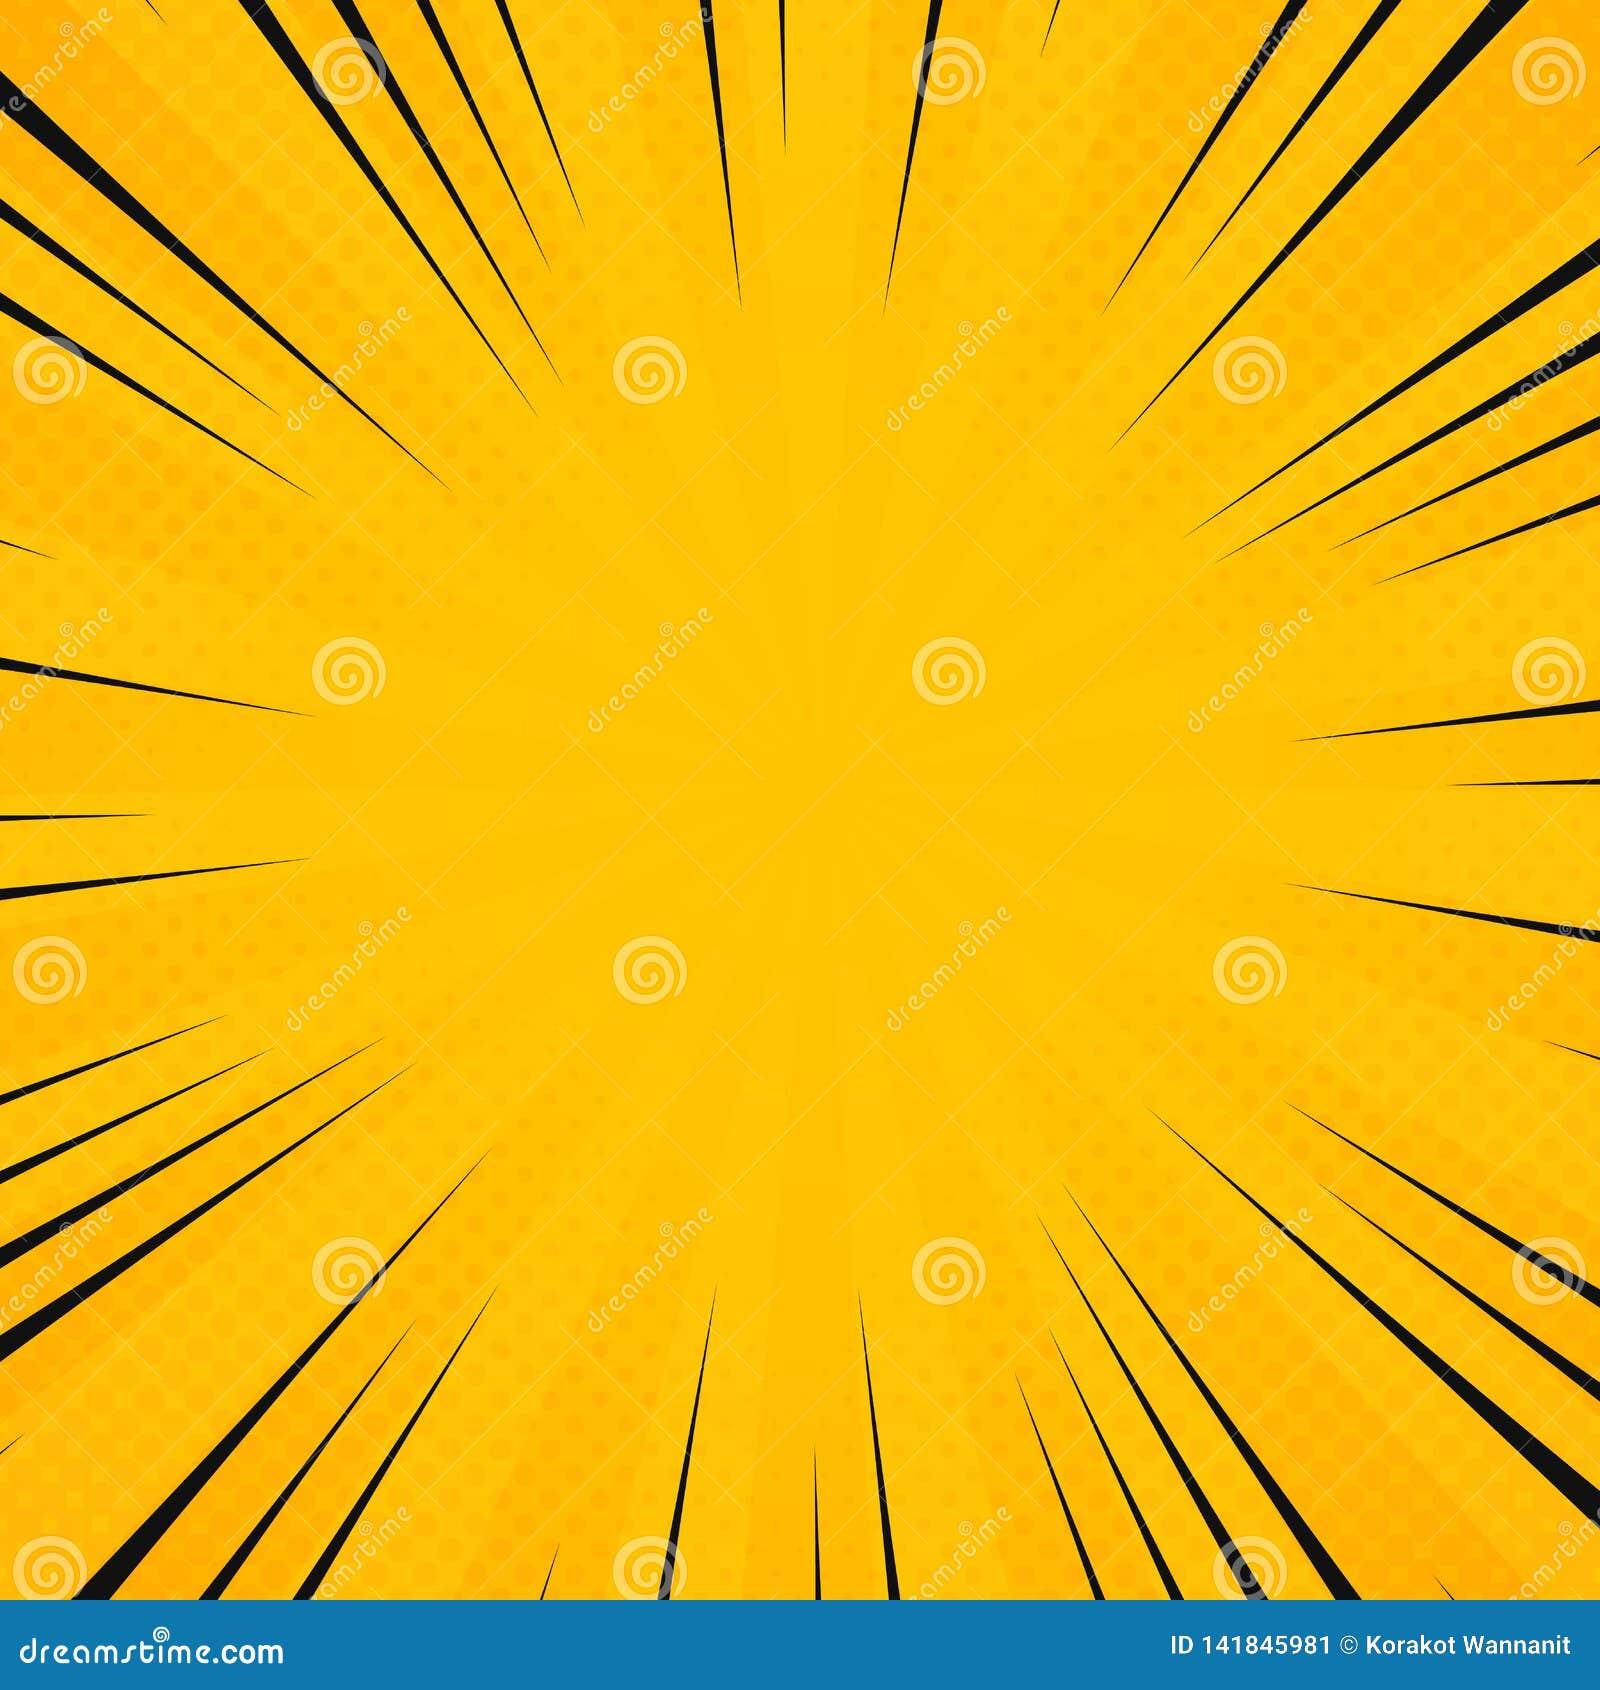 Цвет солнца конспекта желтый в картине лучей сияния с шуточной черной линией предпосылкой Украшение для плаката отправляя SMS, ис